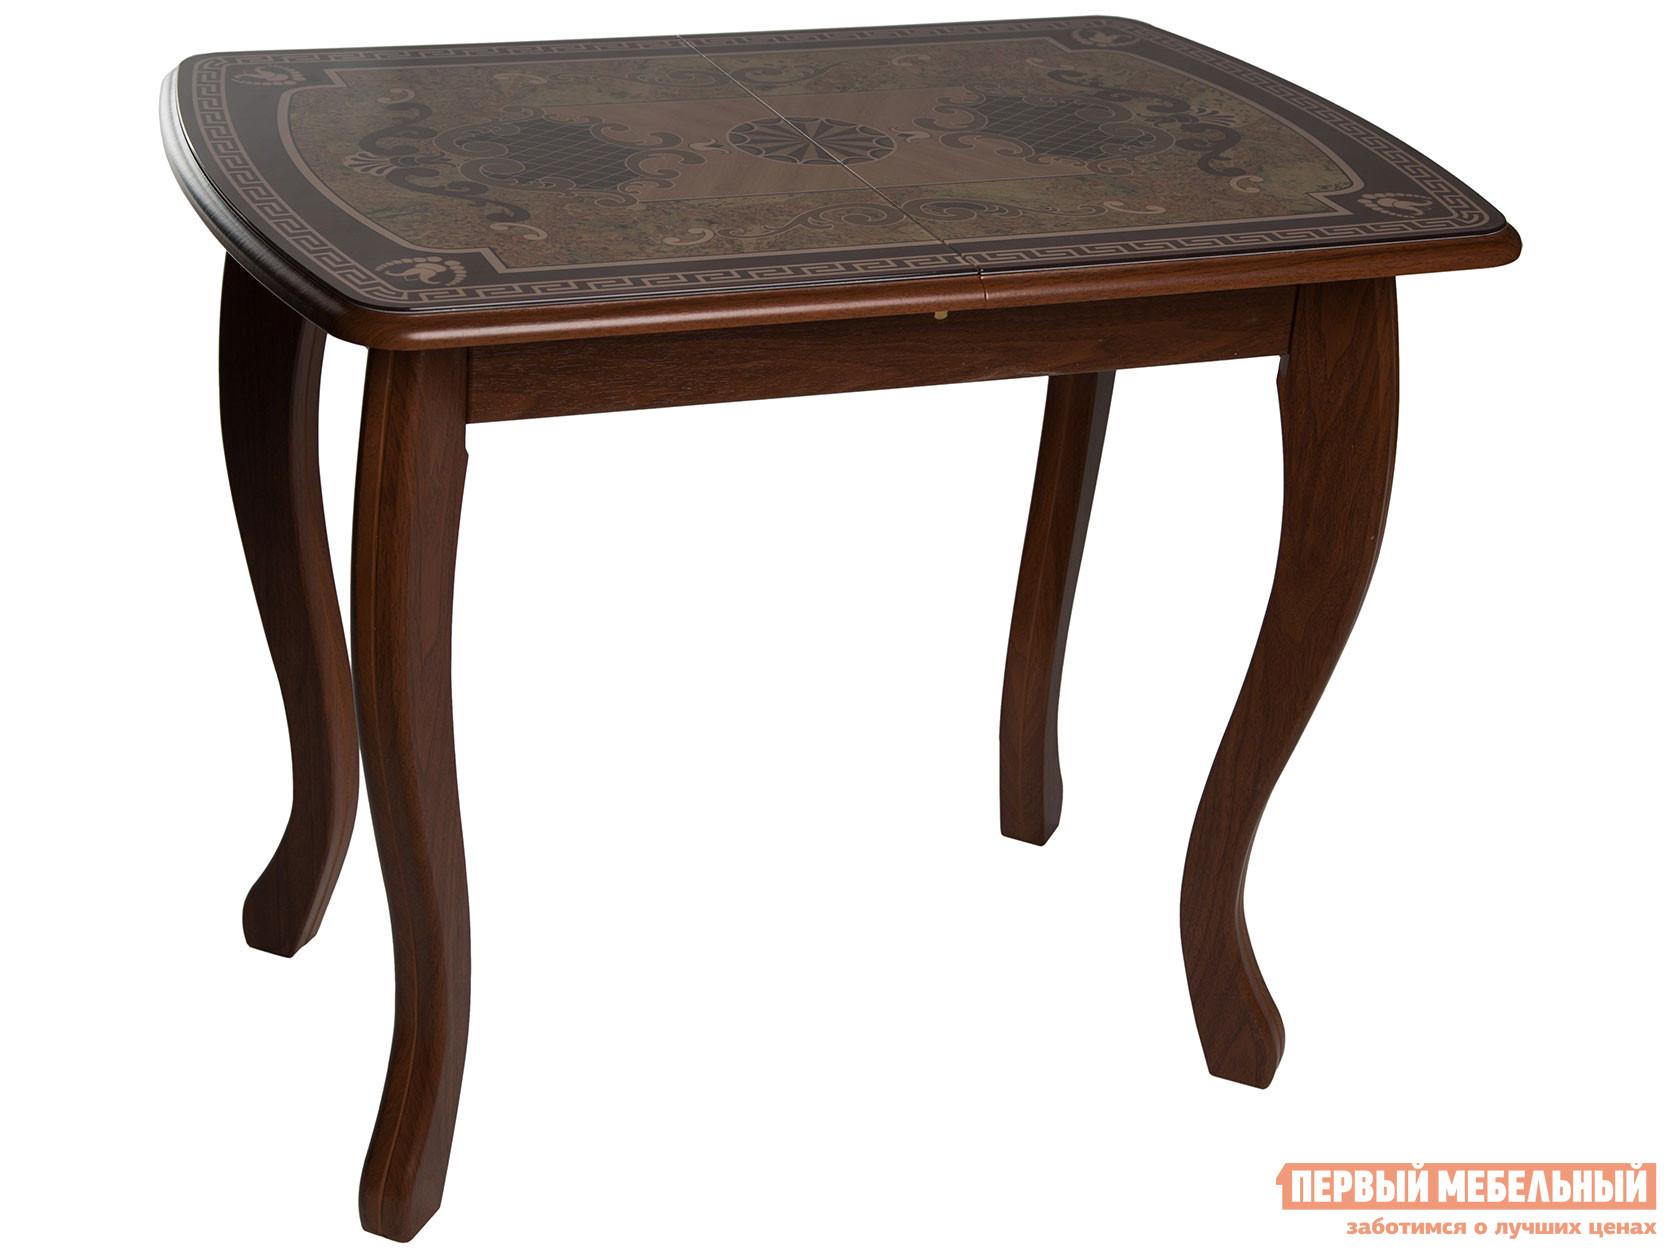 Кухонный стол Линоторг Стол ДП1-02-06 930*630(1230) со стекл. вкл. М58 «Альба-мини» стекло